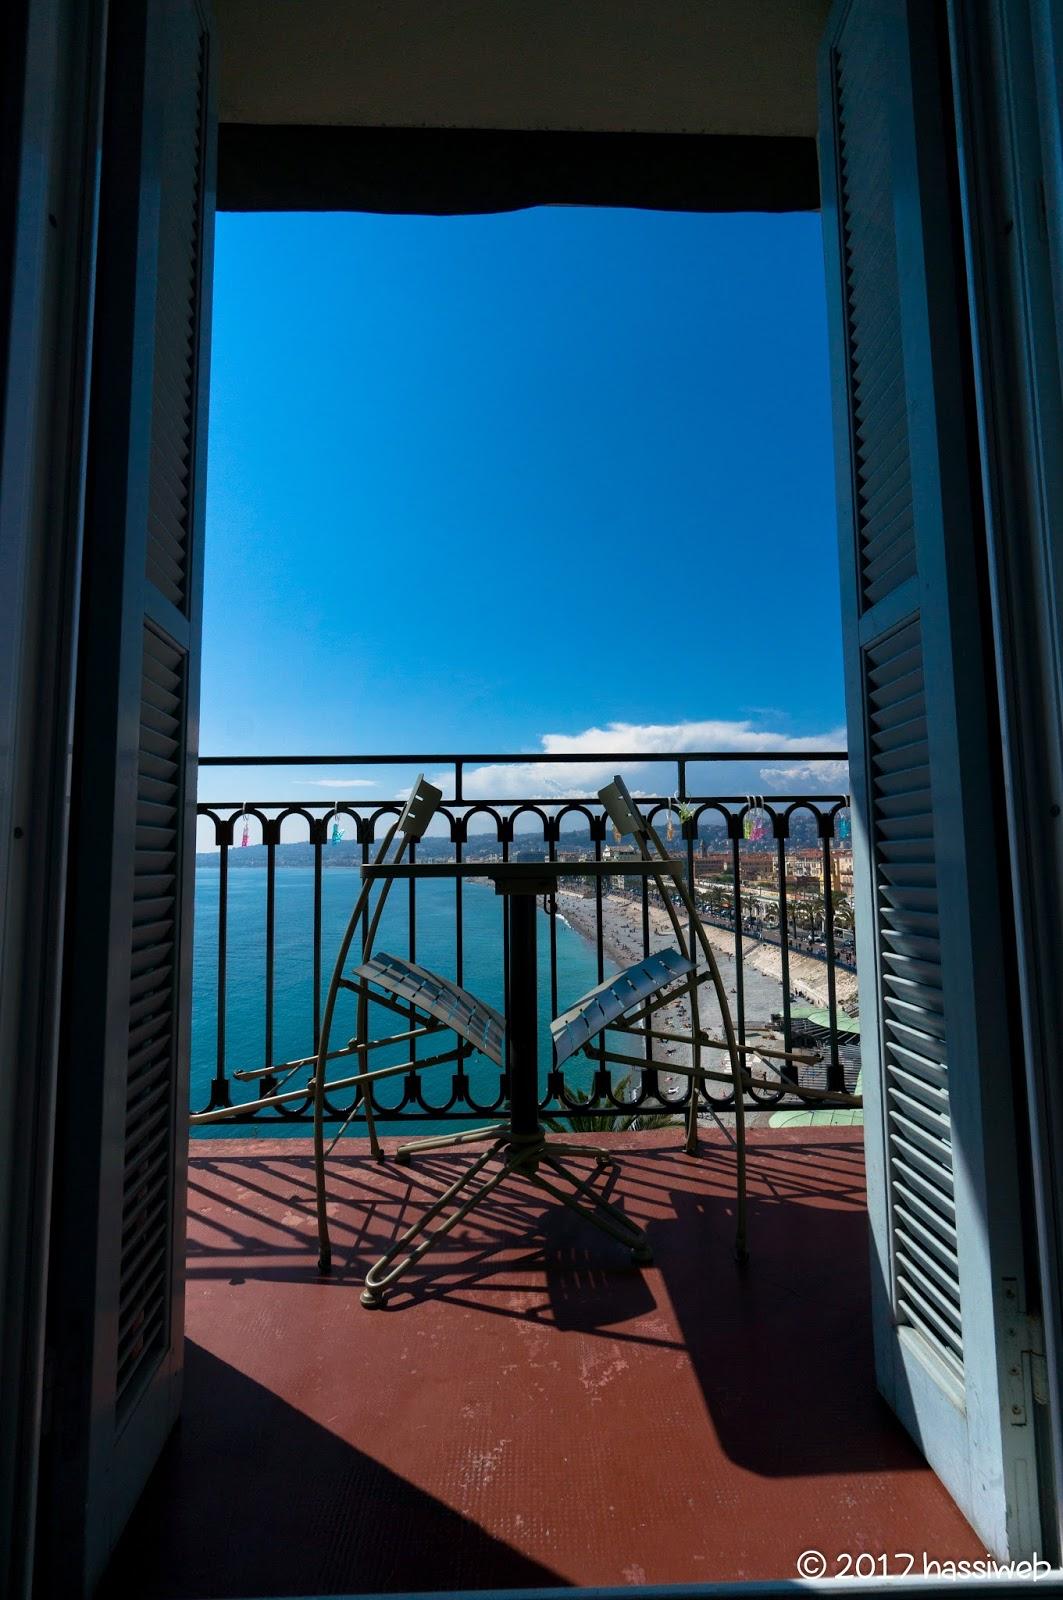 ホテル・スイスのベランダ (The balcony of Hotel Suisse)